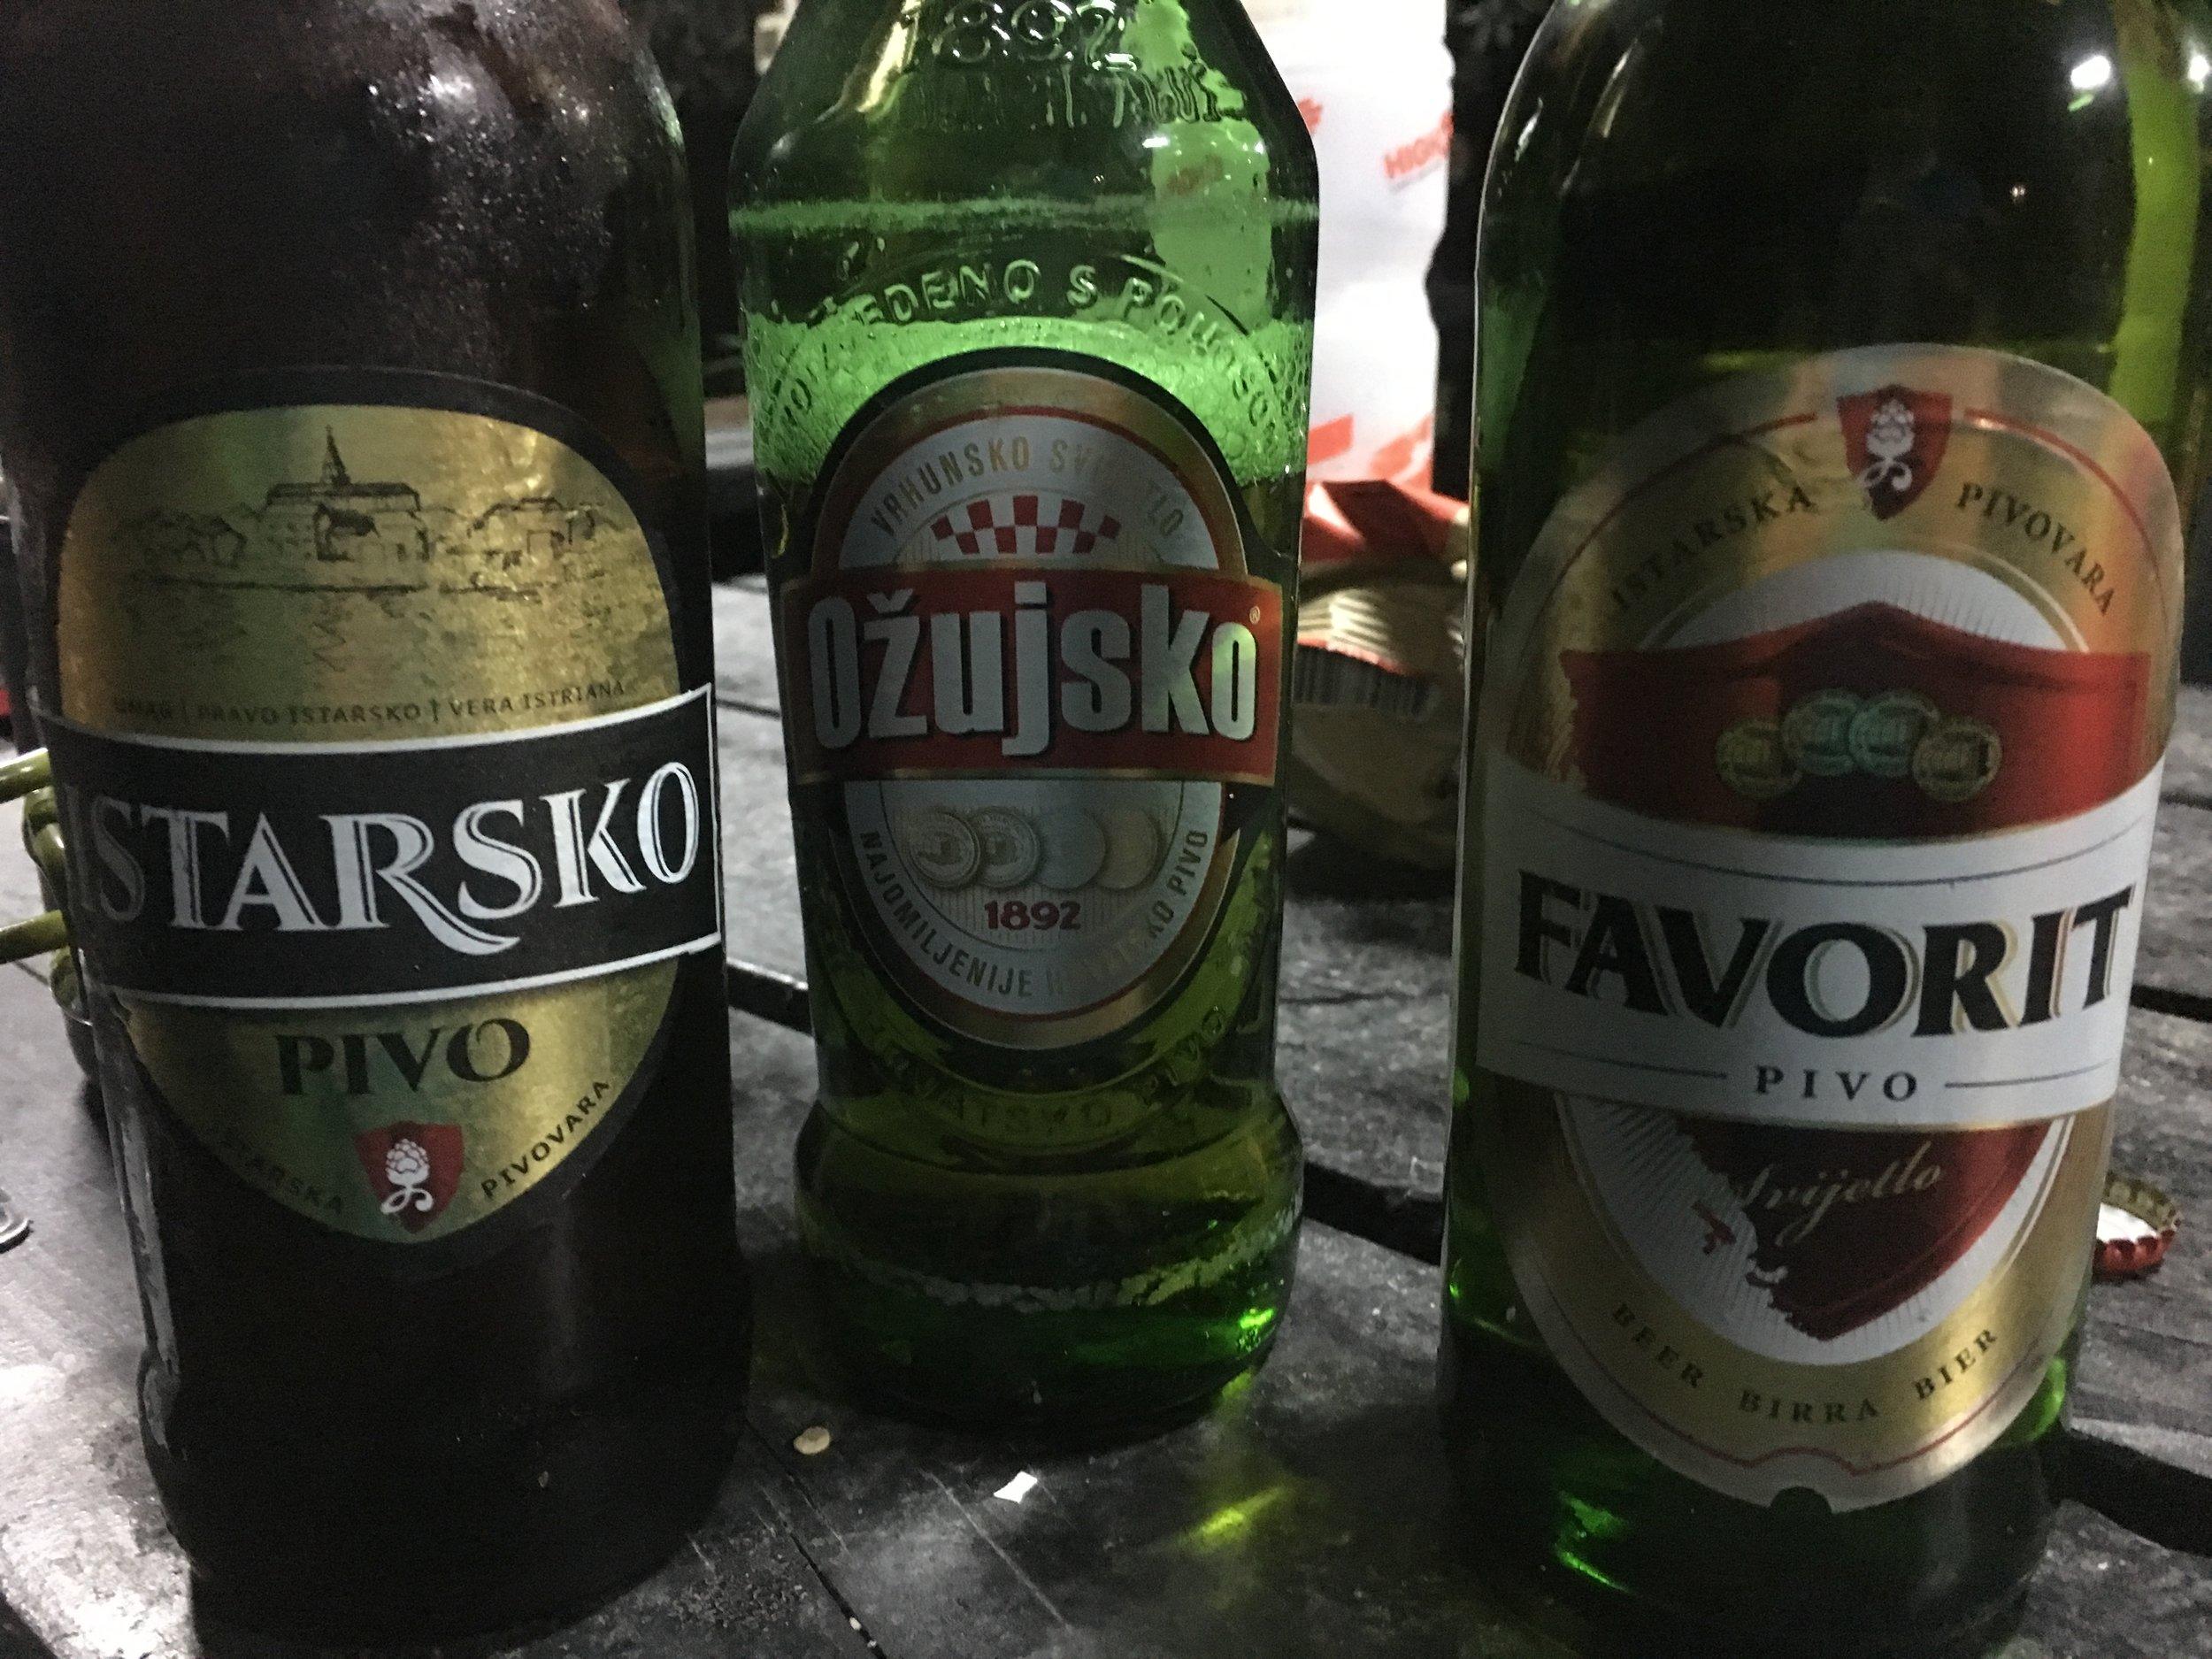 A trio of Croatian beers. My favorite was Ozujsko.